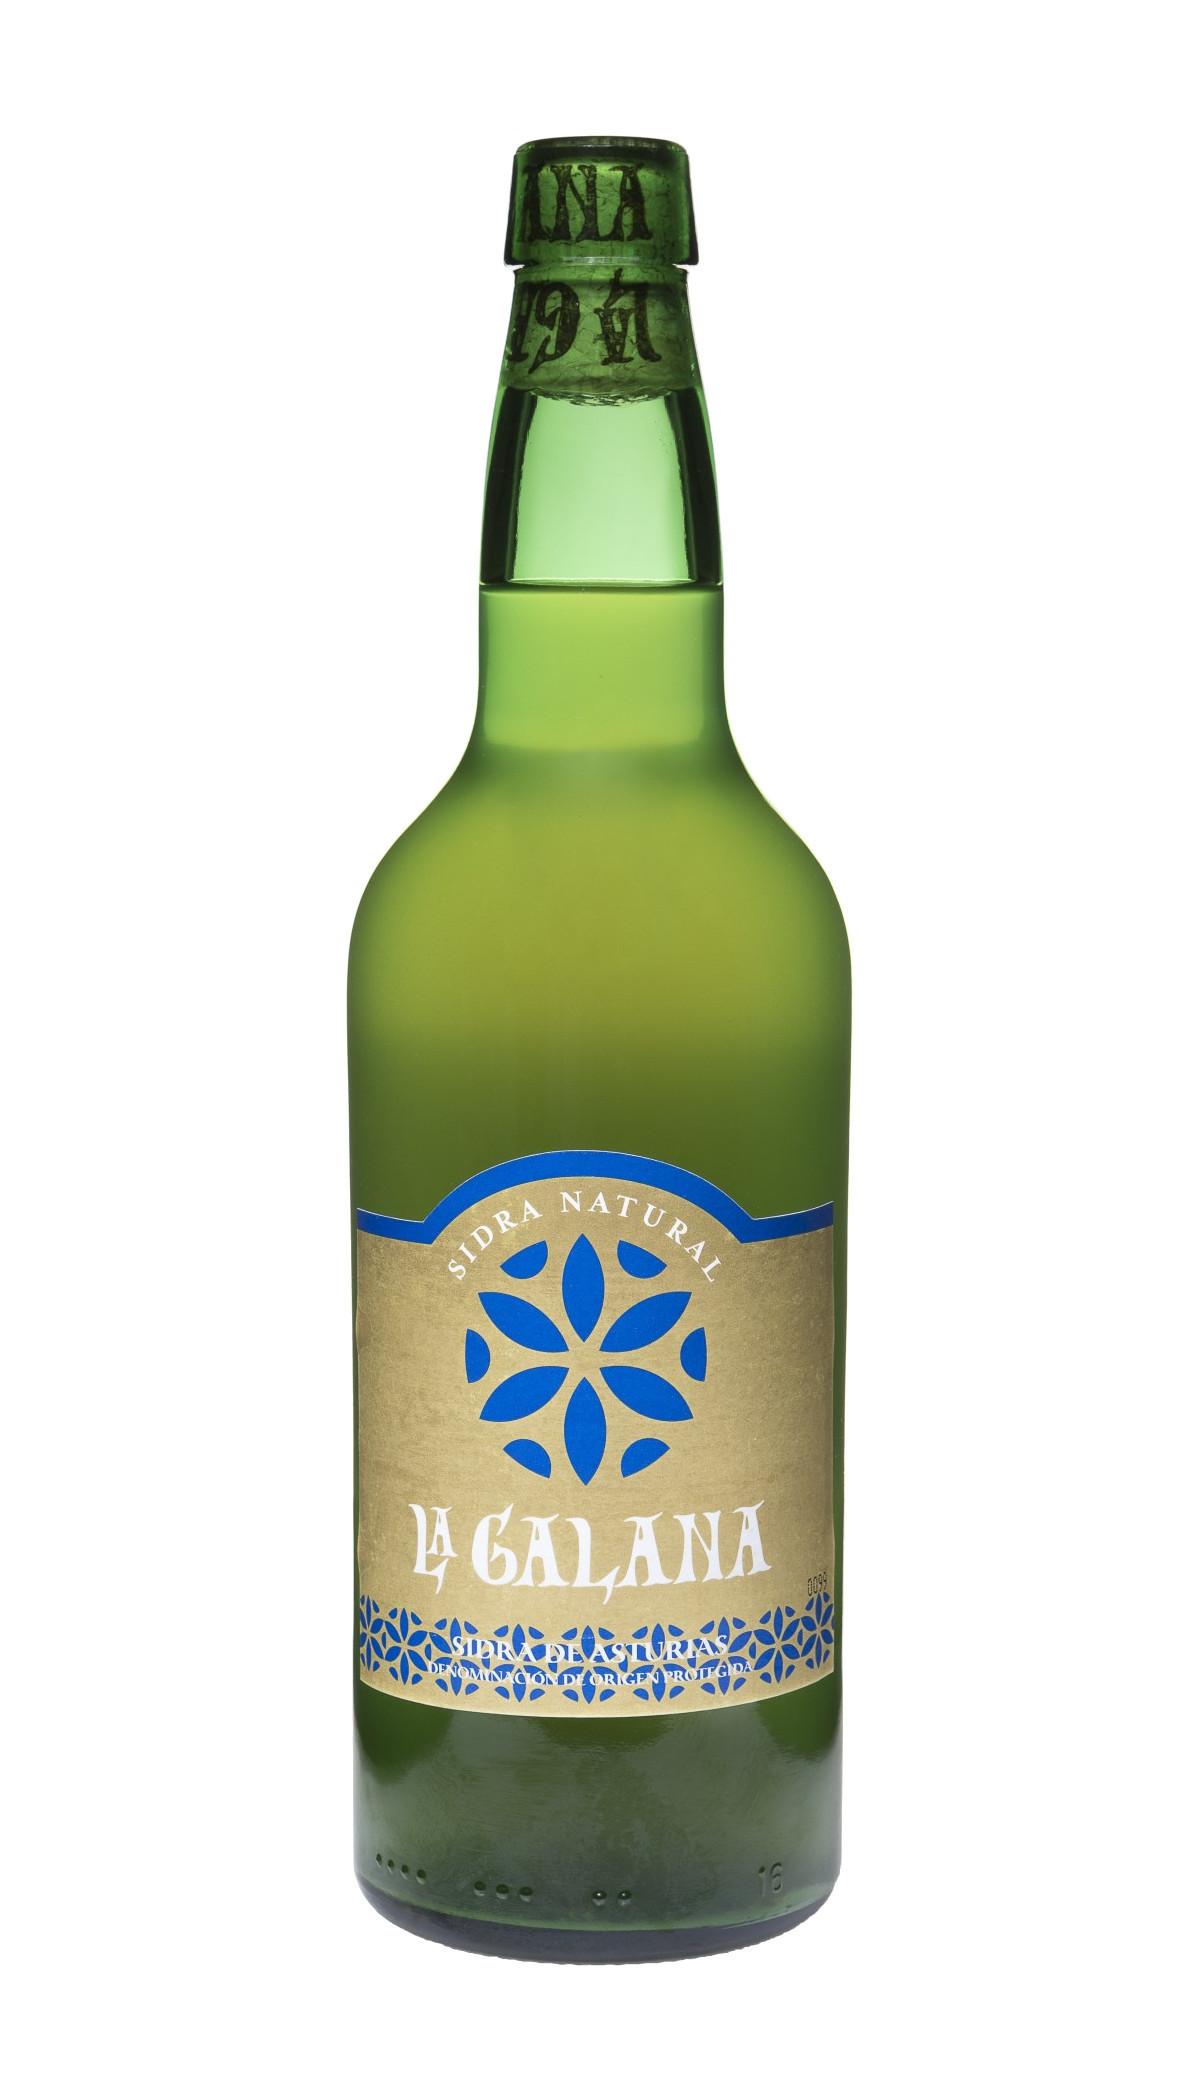 Botella de Sidra Natural La Galana